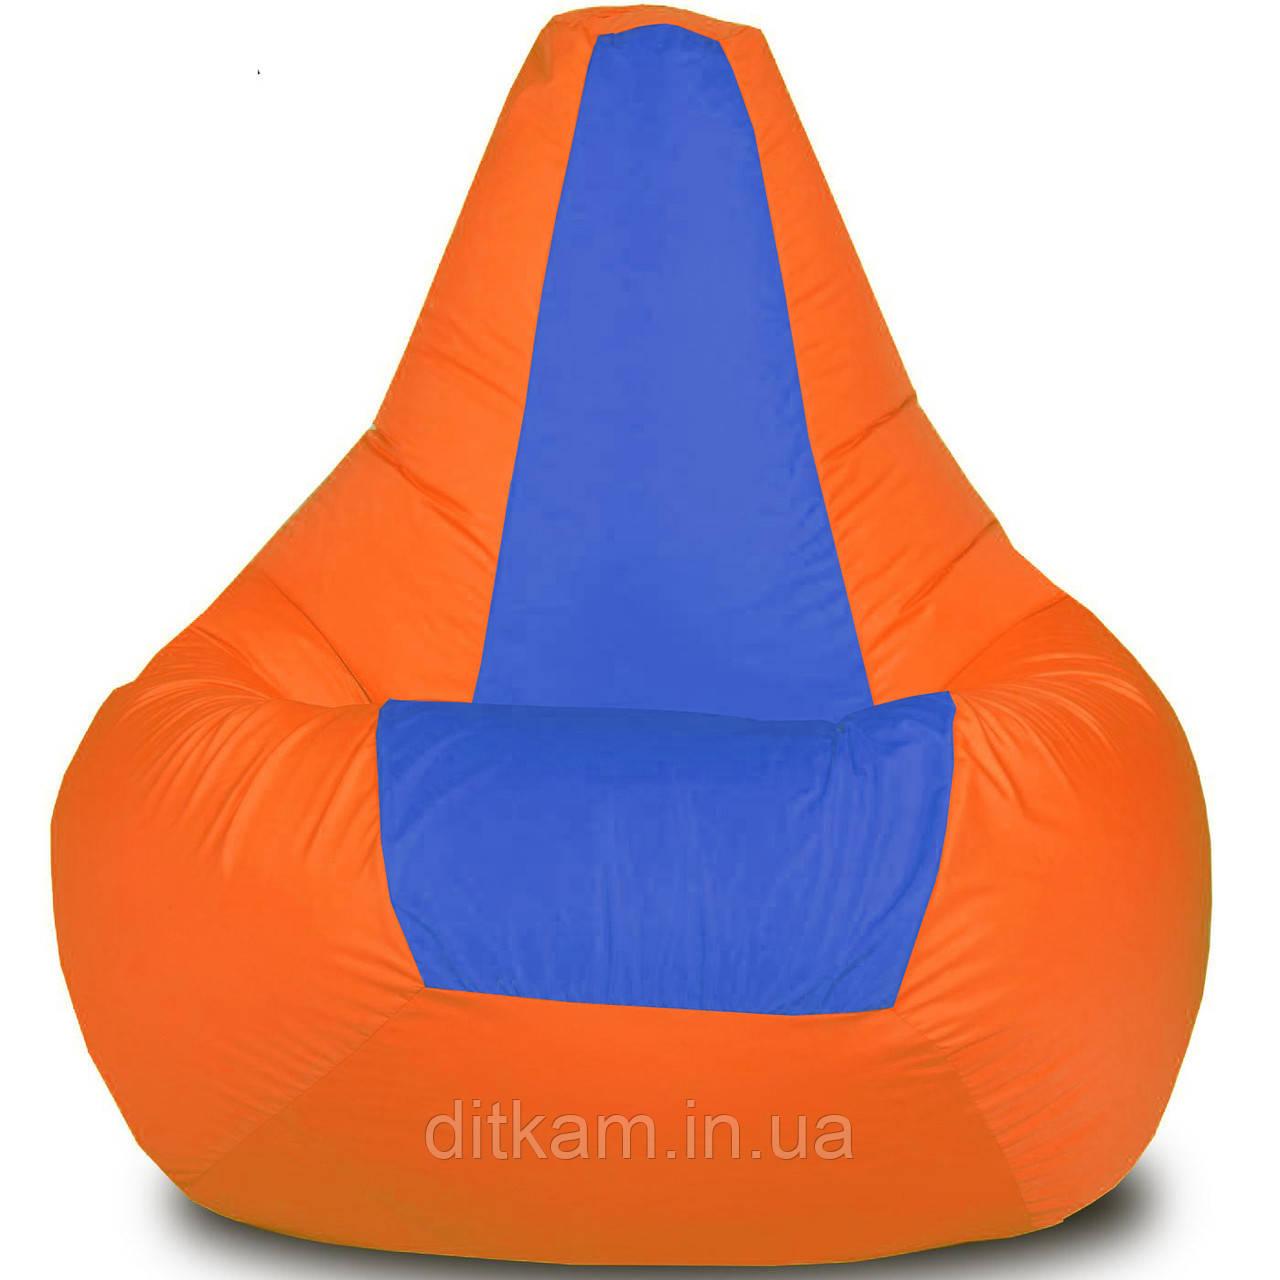 Кресло-мешок Груша Хатка большая Оранжевая с Синим